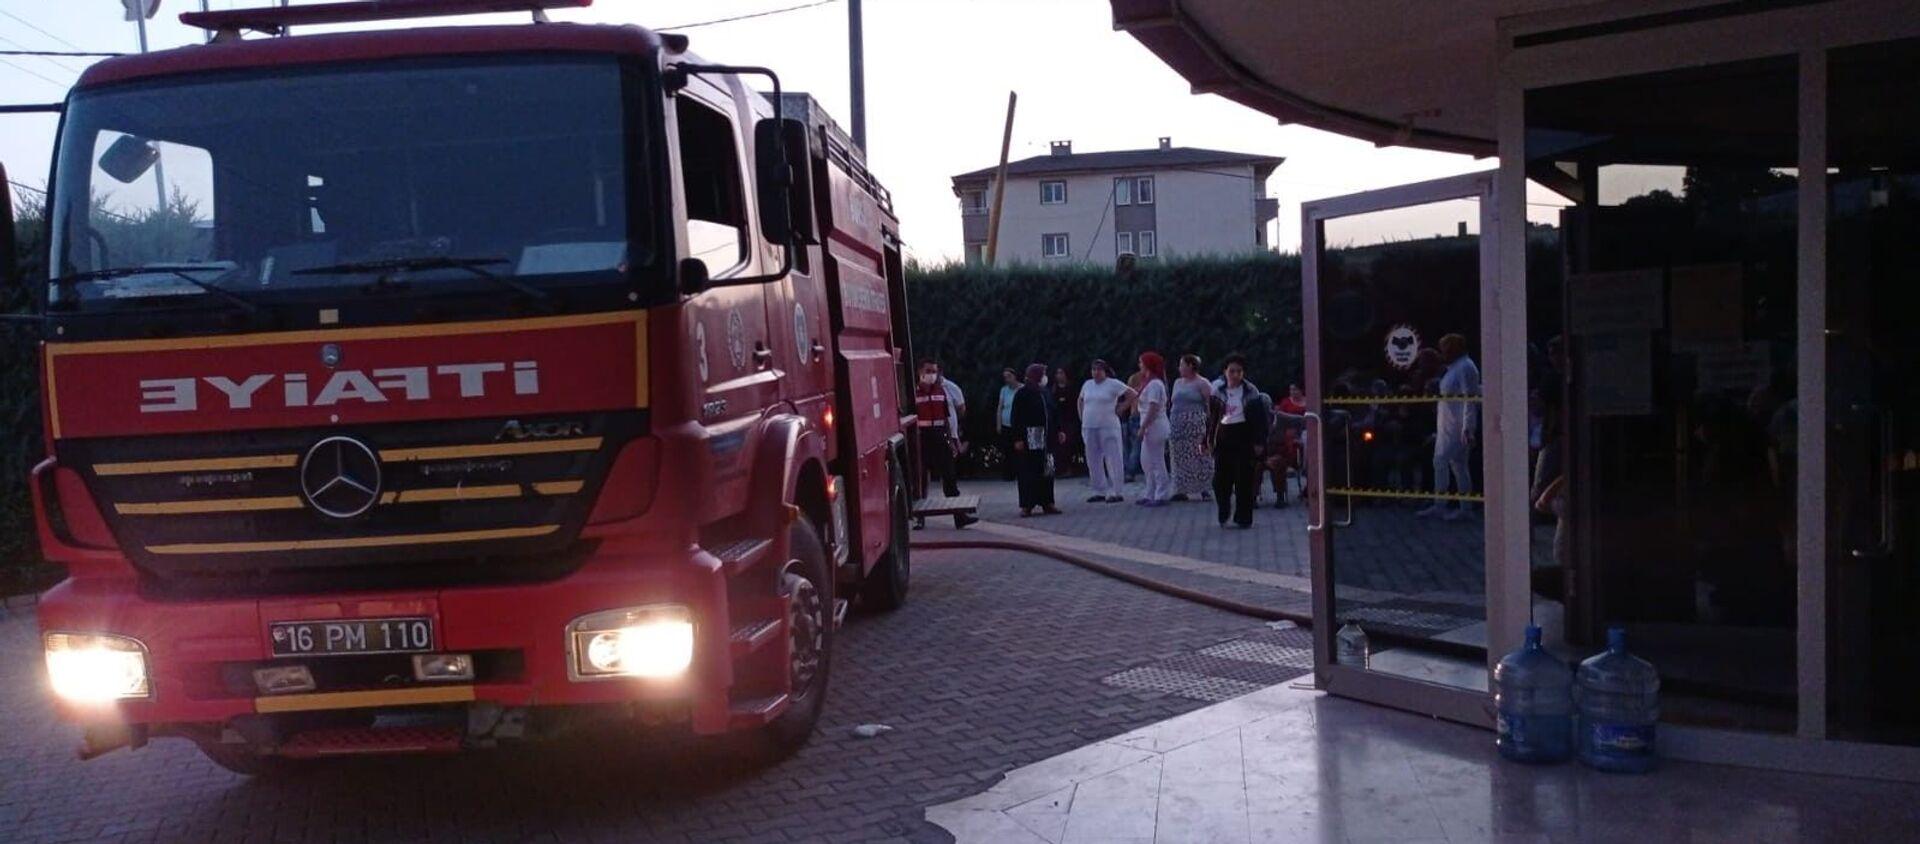 Bursa'nın İnegöl ilçesinde bir özel rehabilitasyon merkezinde hastaların yatakhanesinde yangın çıktı. Hastalar tahliye edilirken, yangın itfaiye ekiplerince söndürüldü. - Sputnik Türkiye, 1920, 01.08.2021